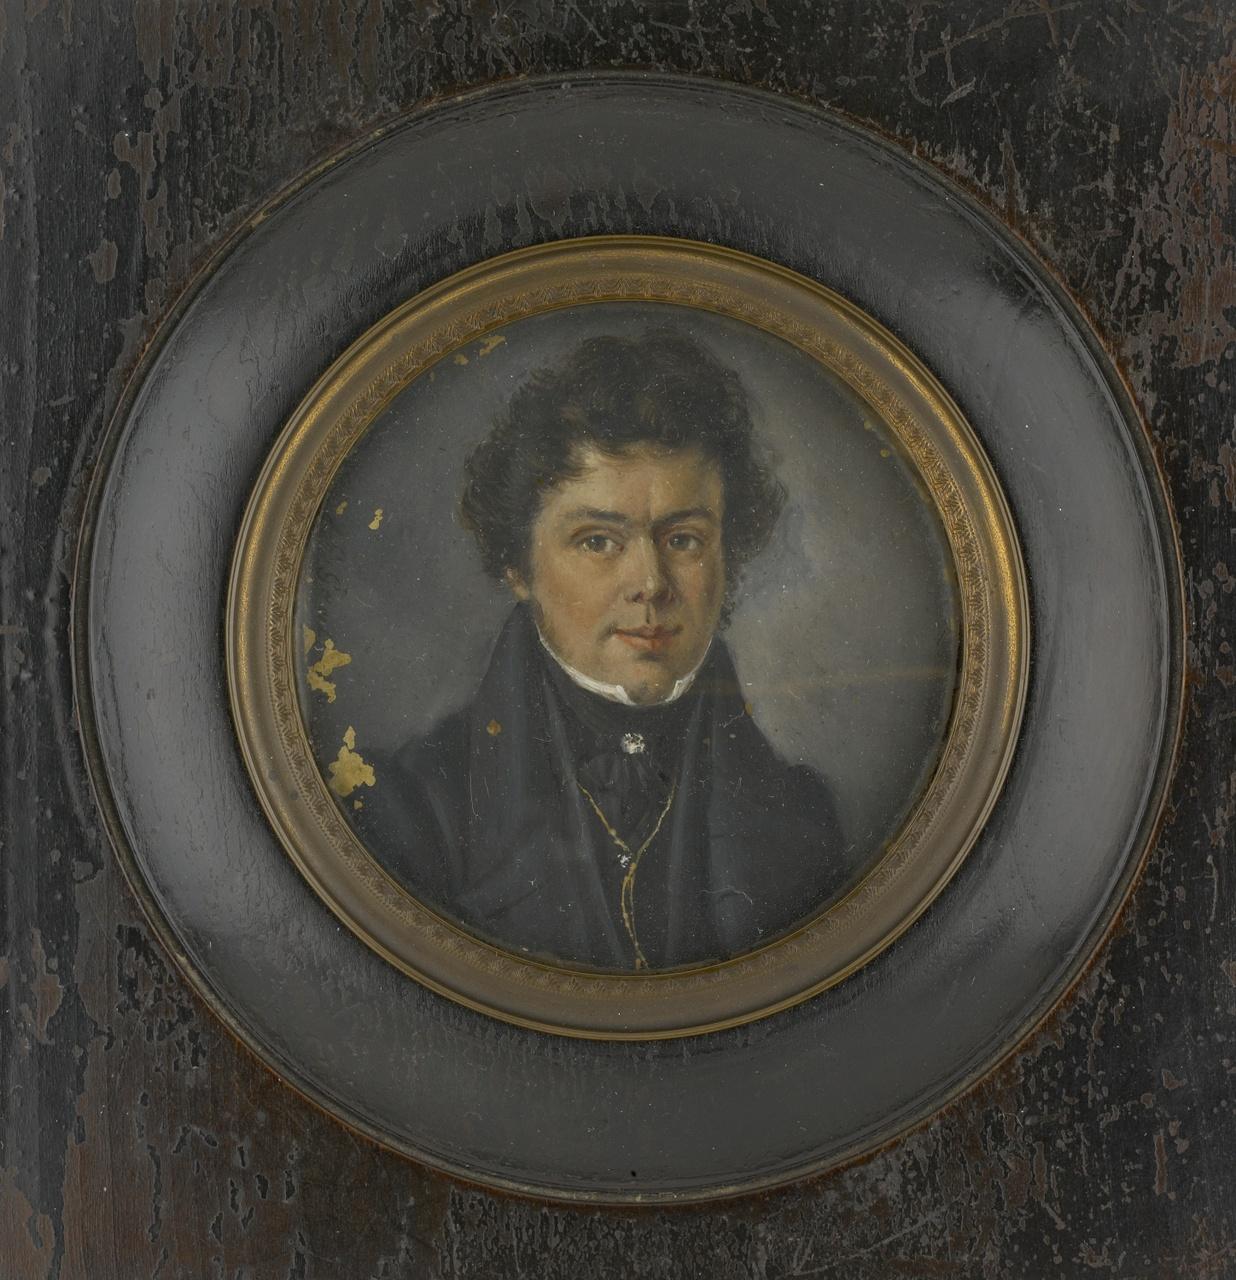 Hermanus Bourjé (1804-1834), Jacobus Cornelis Gaal